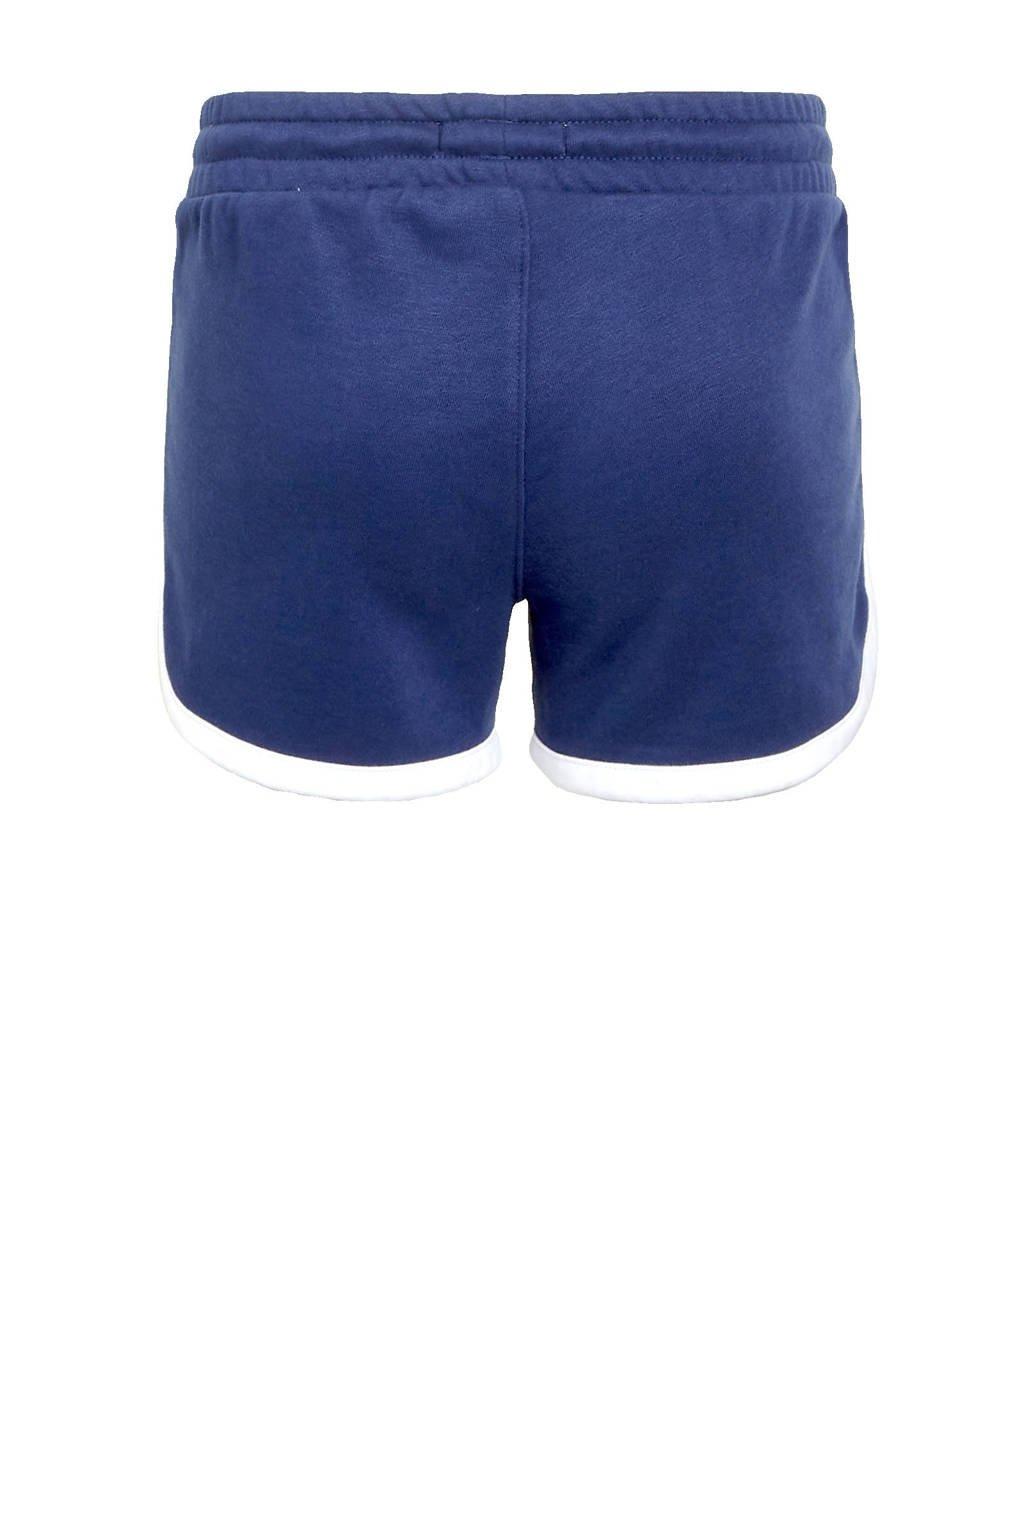 Levi's Kids sweatshort met zijstreep donkerblauw/wit/rood, Donkerblauw/wit/rood